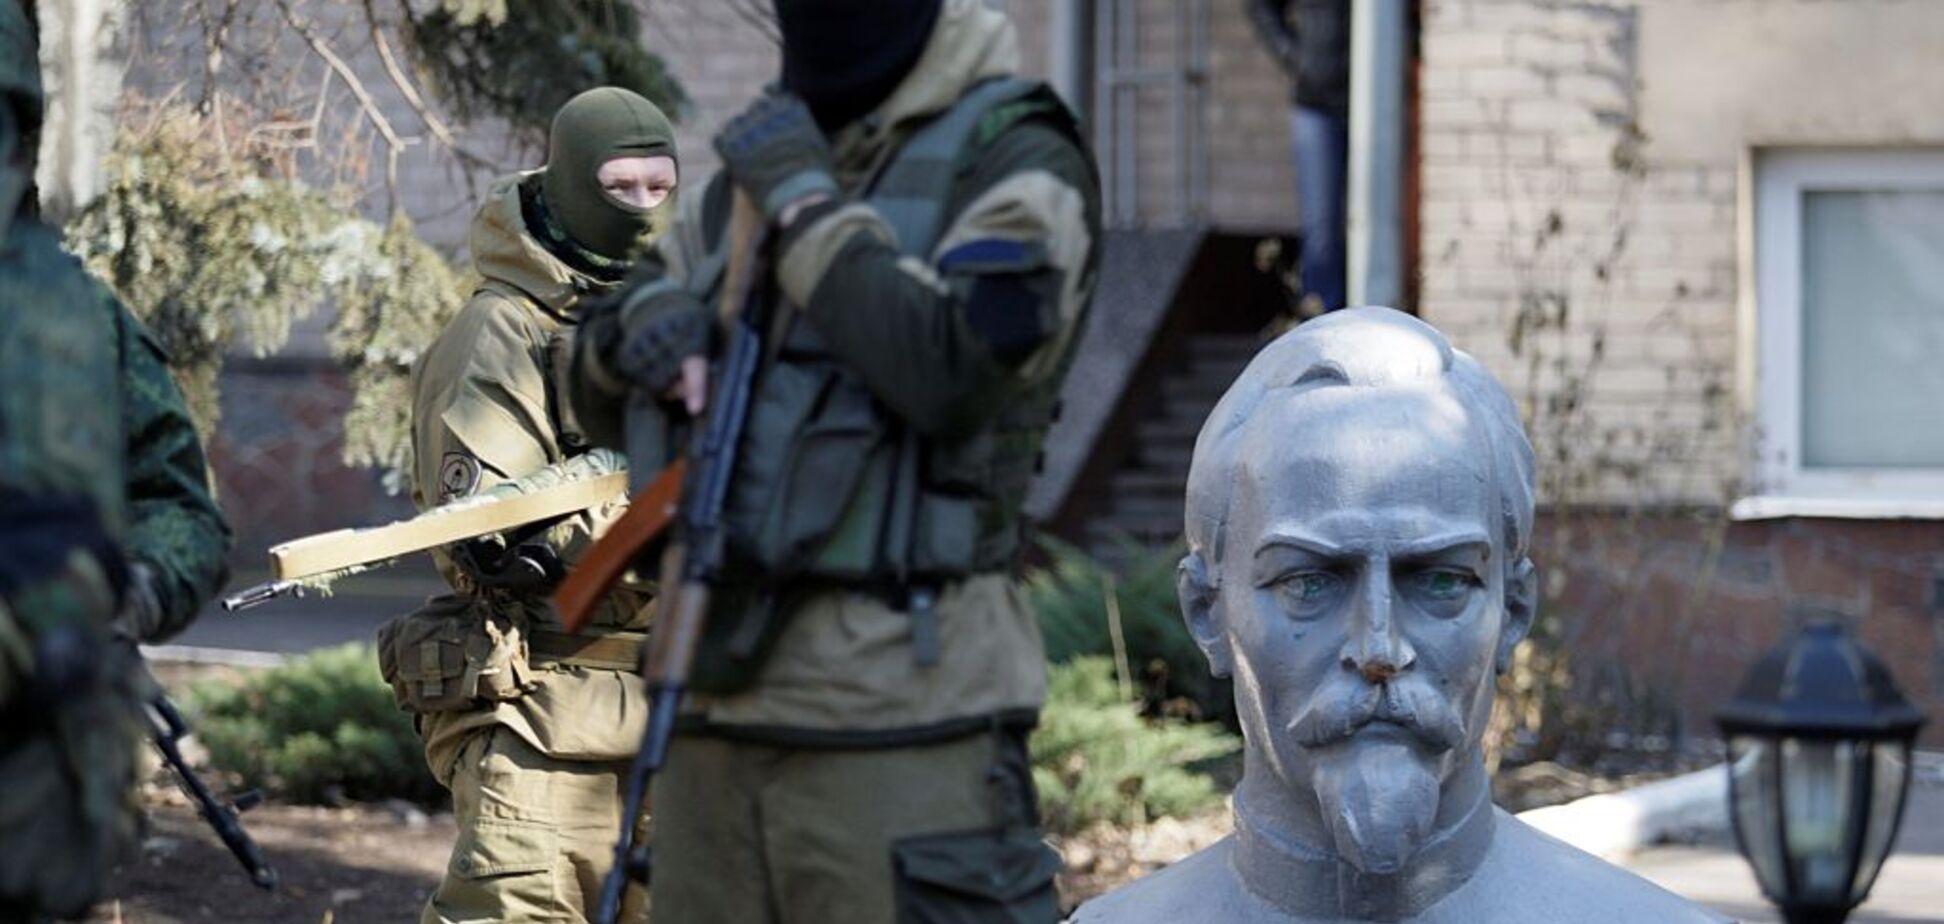 Дезертиры и 'увольнения': стало известно о новых проблемах в рядах террористов 'Л/ДНР'